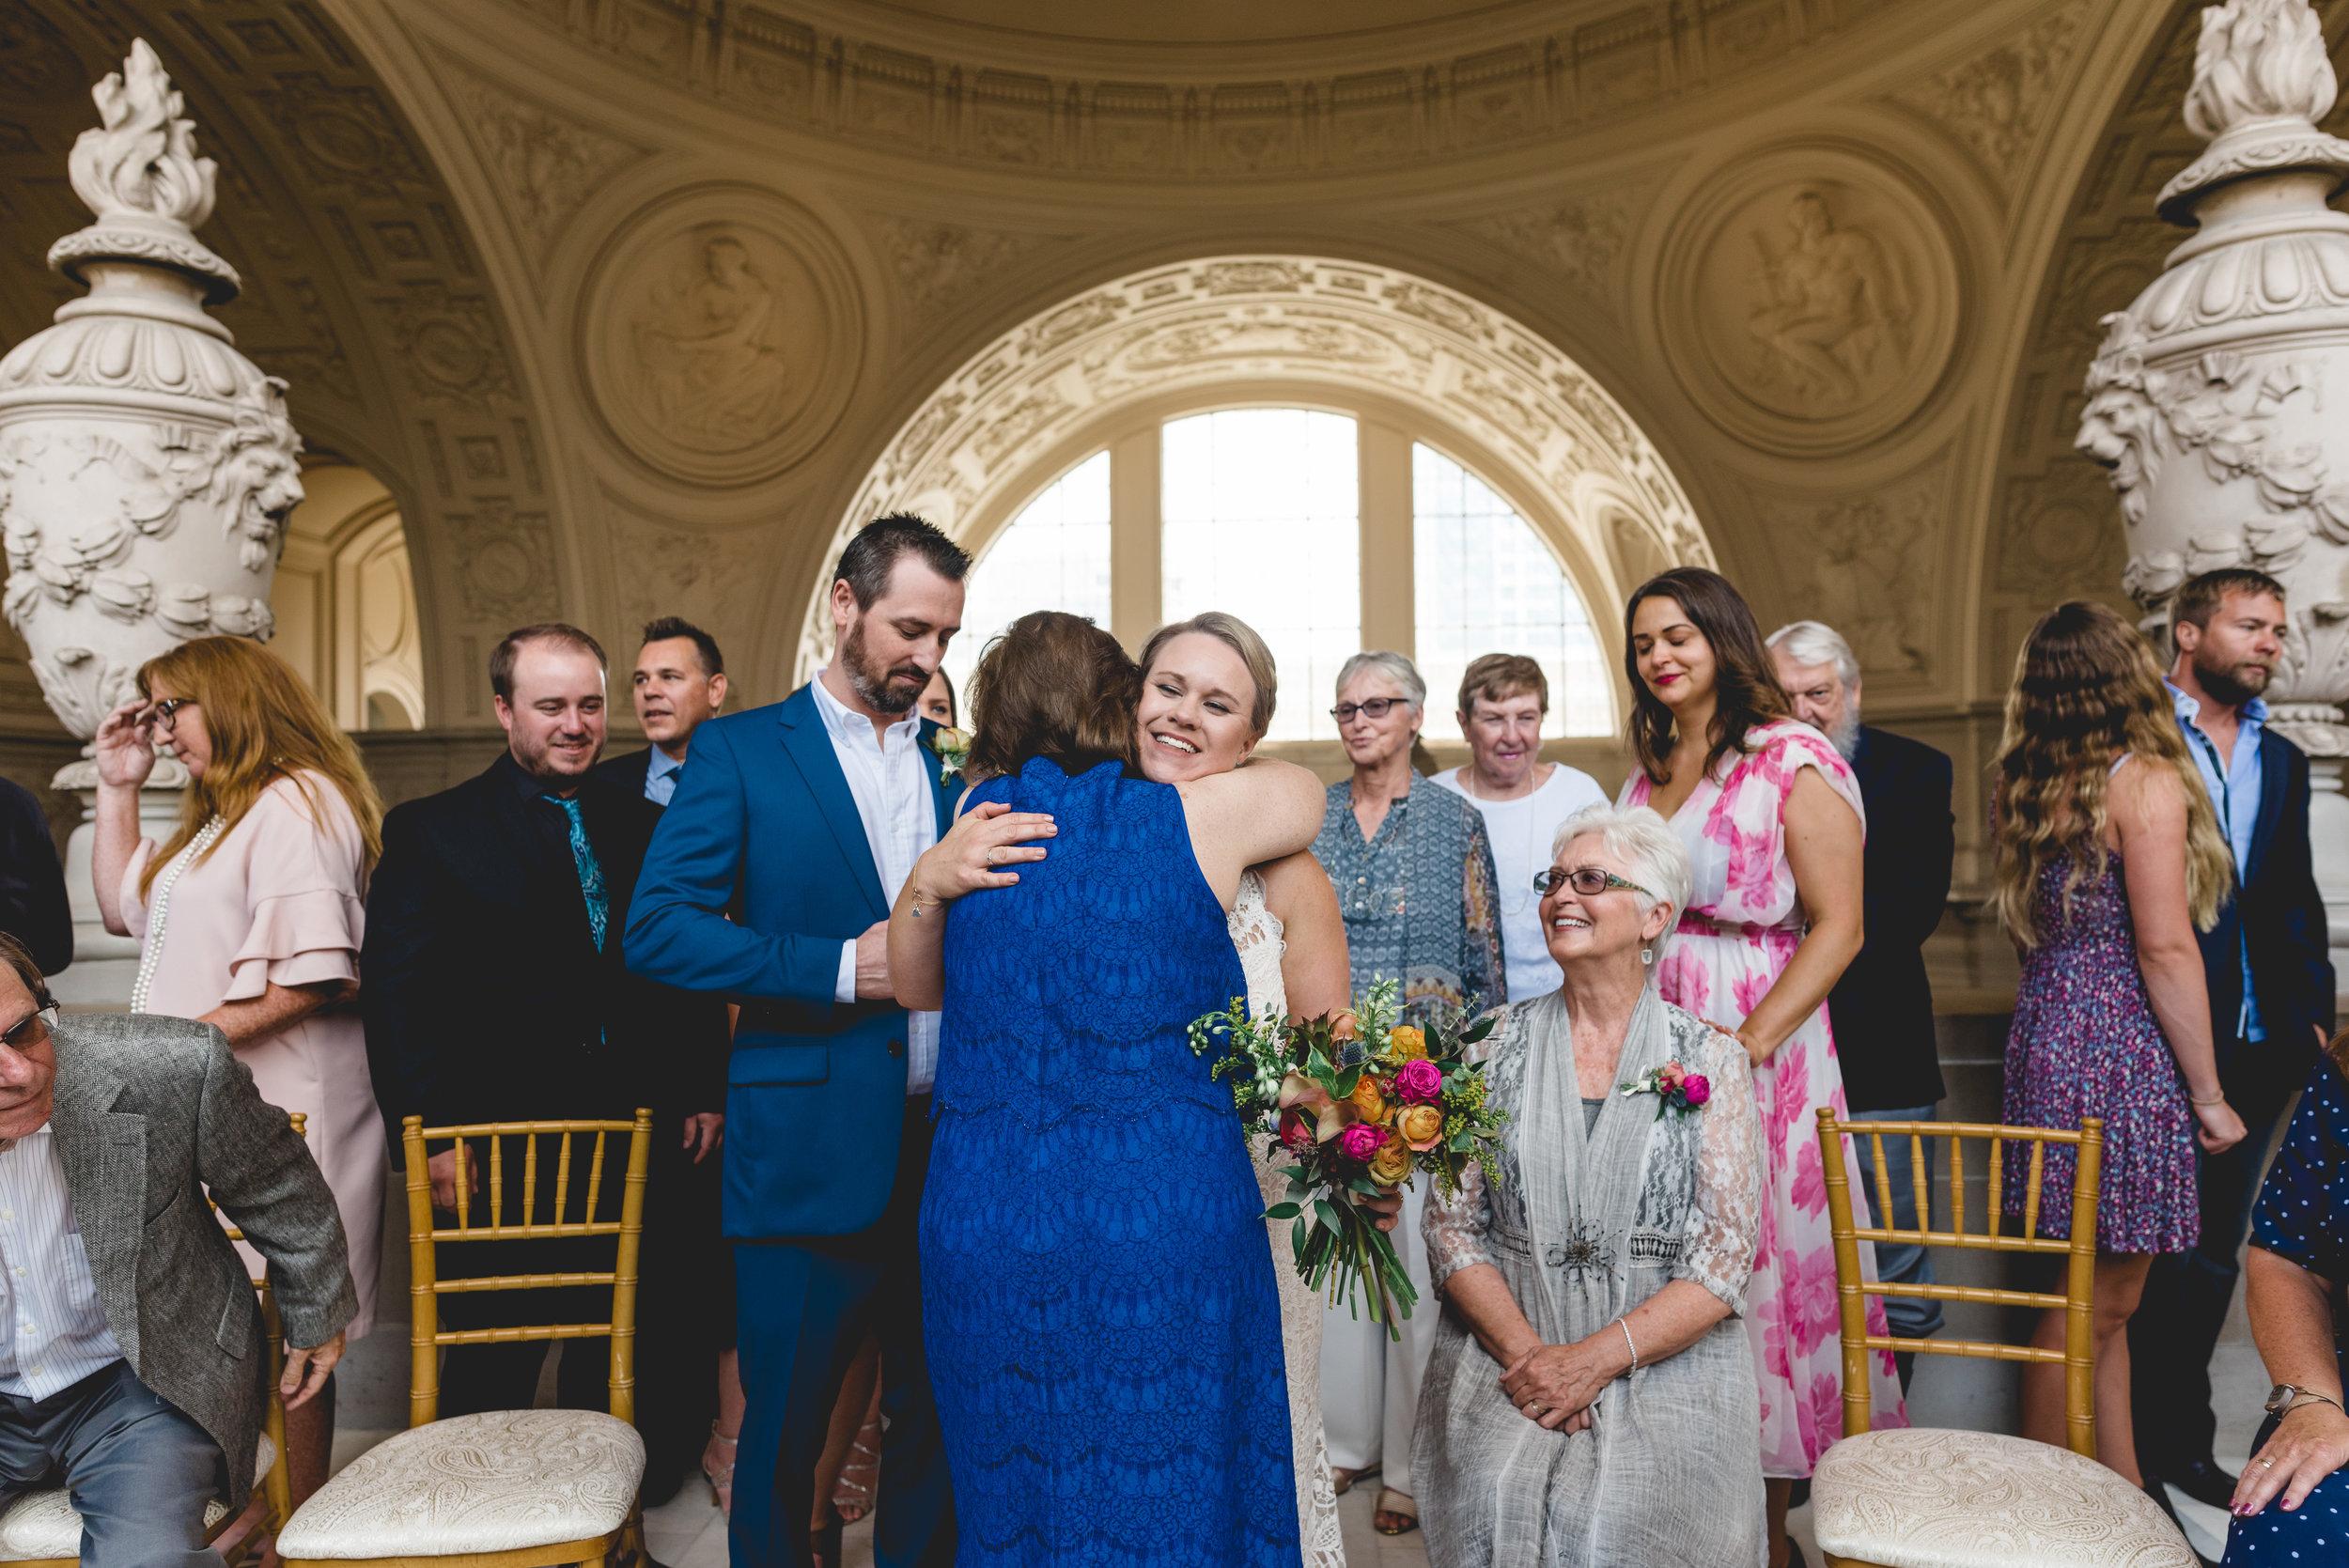 mcdaniels_conroy-wedding-ceremony-138.jpg